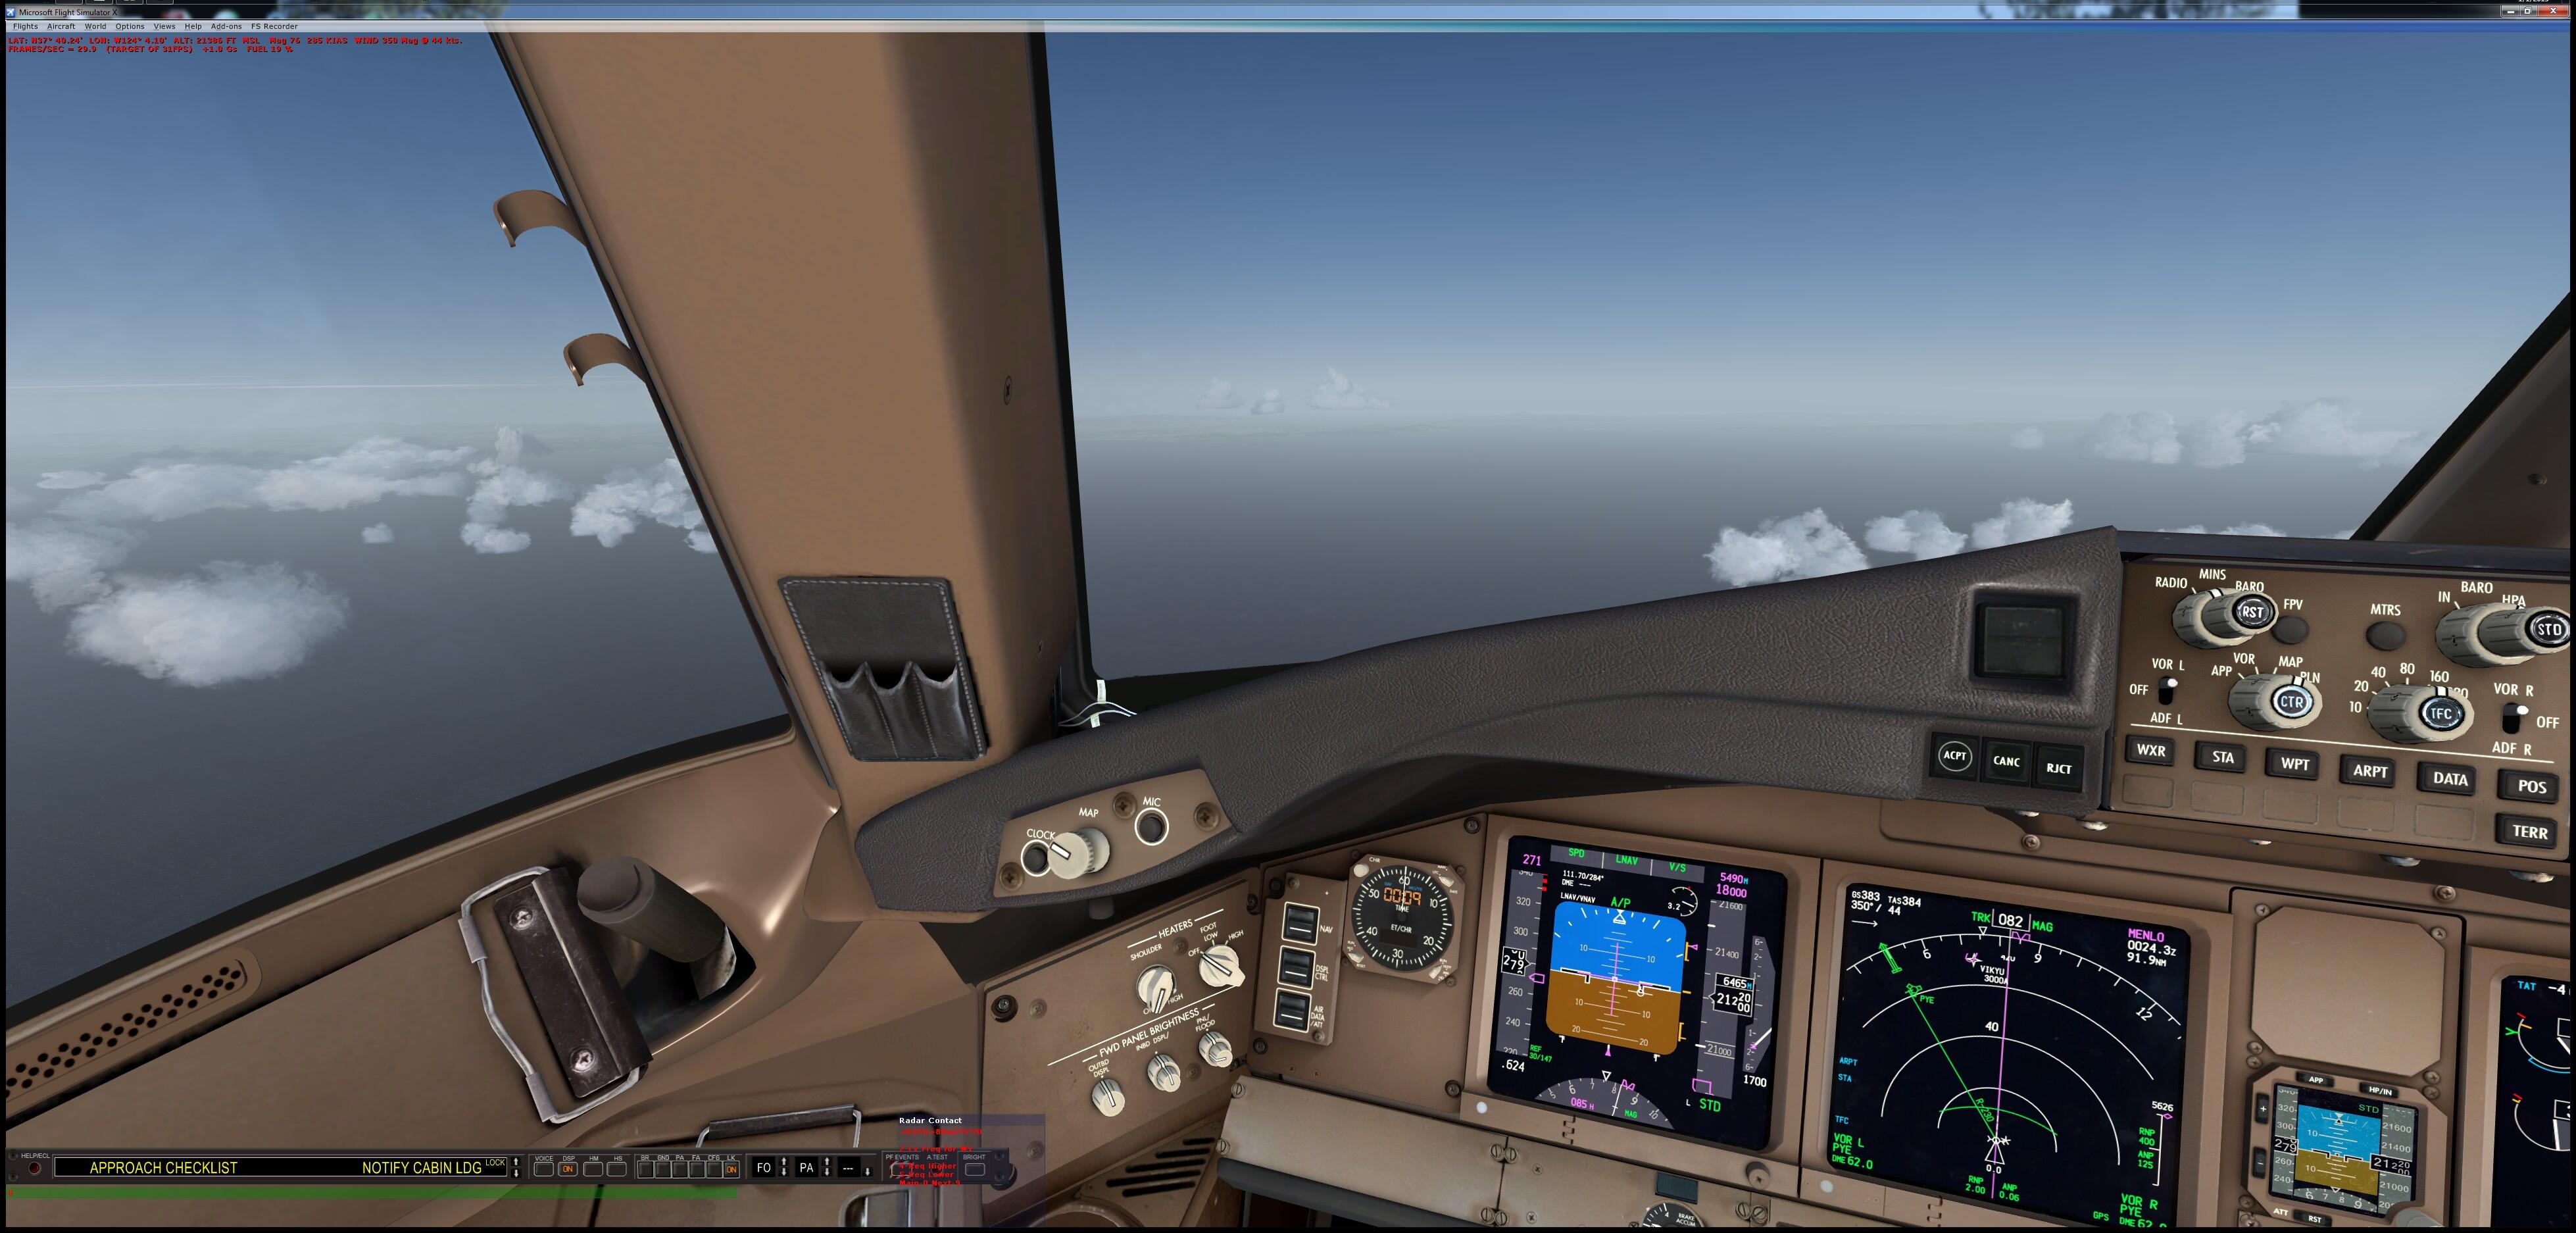 ScreenshotsRJTT-KSFO-13.jpg